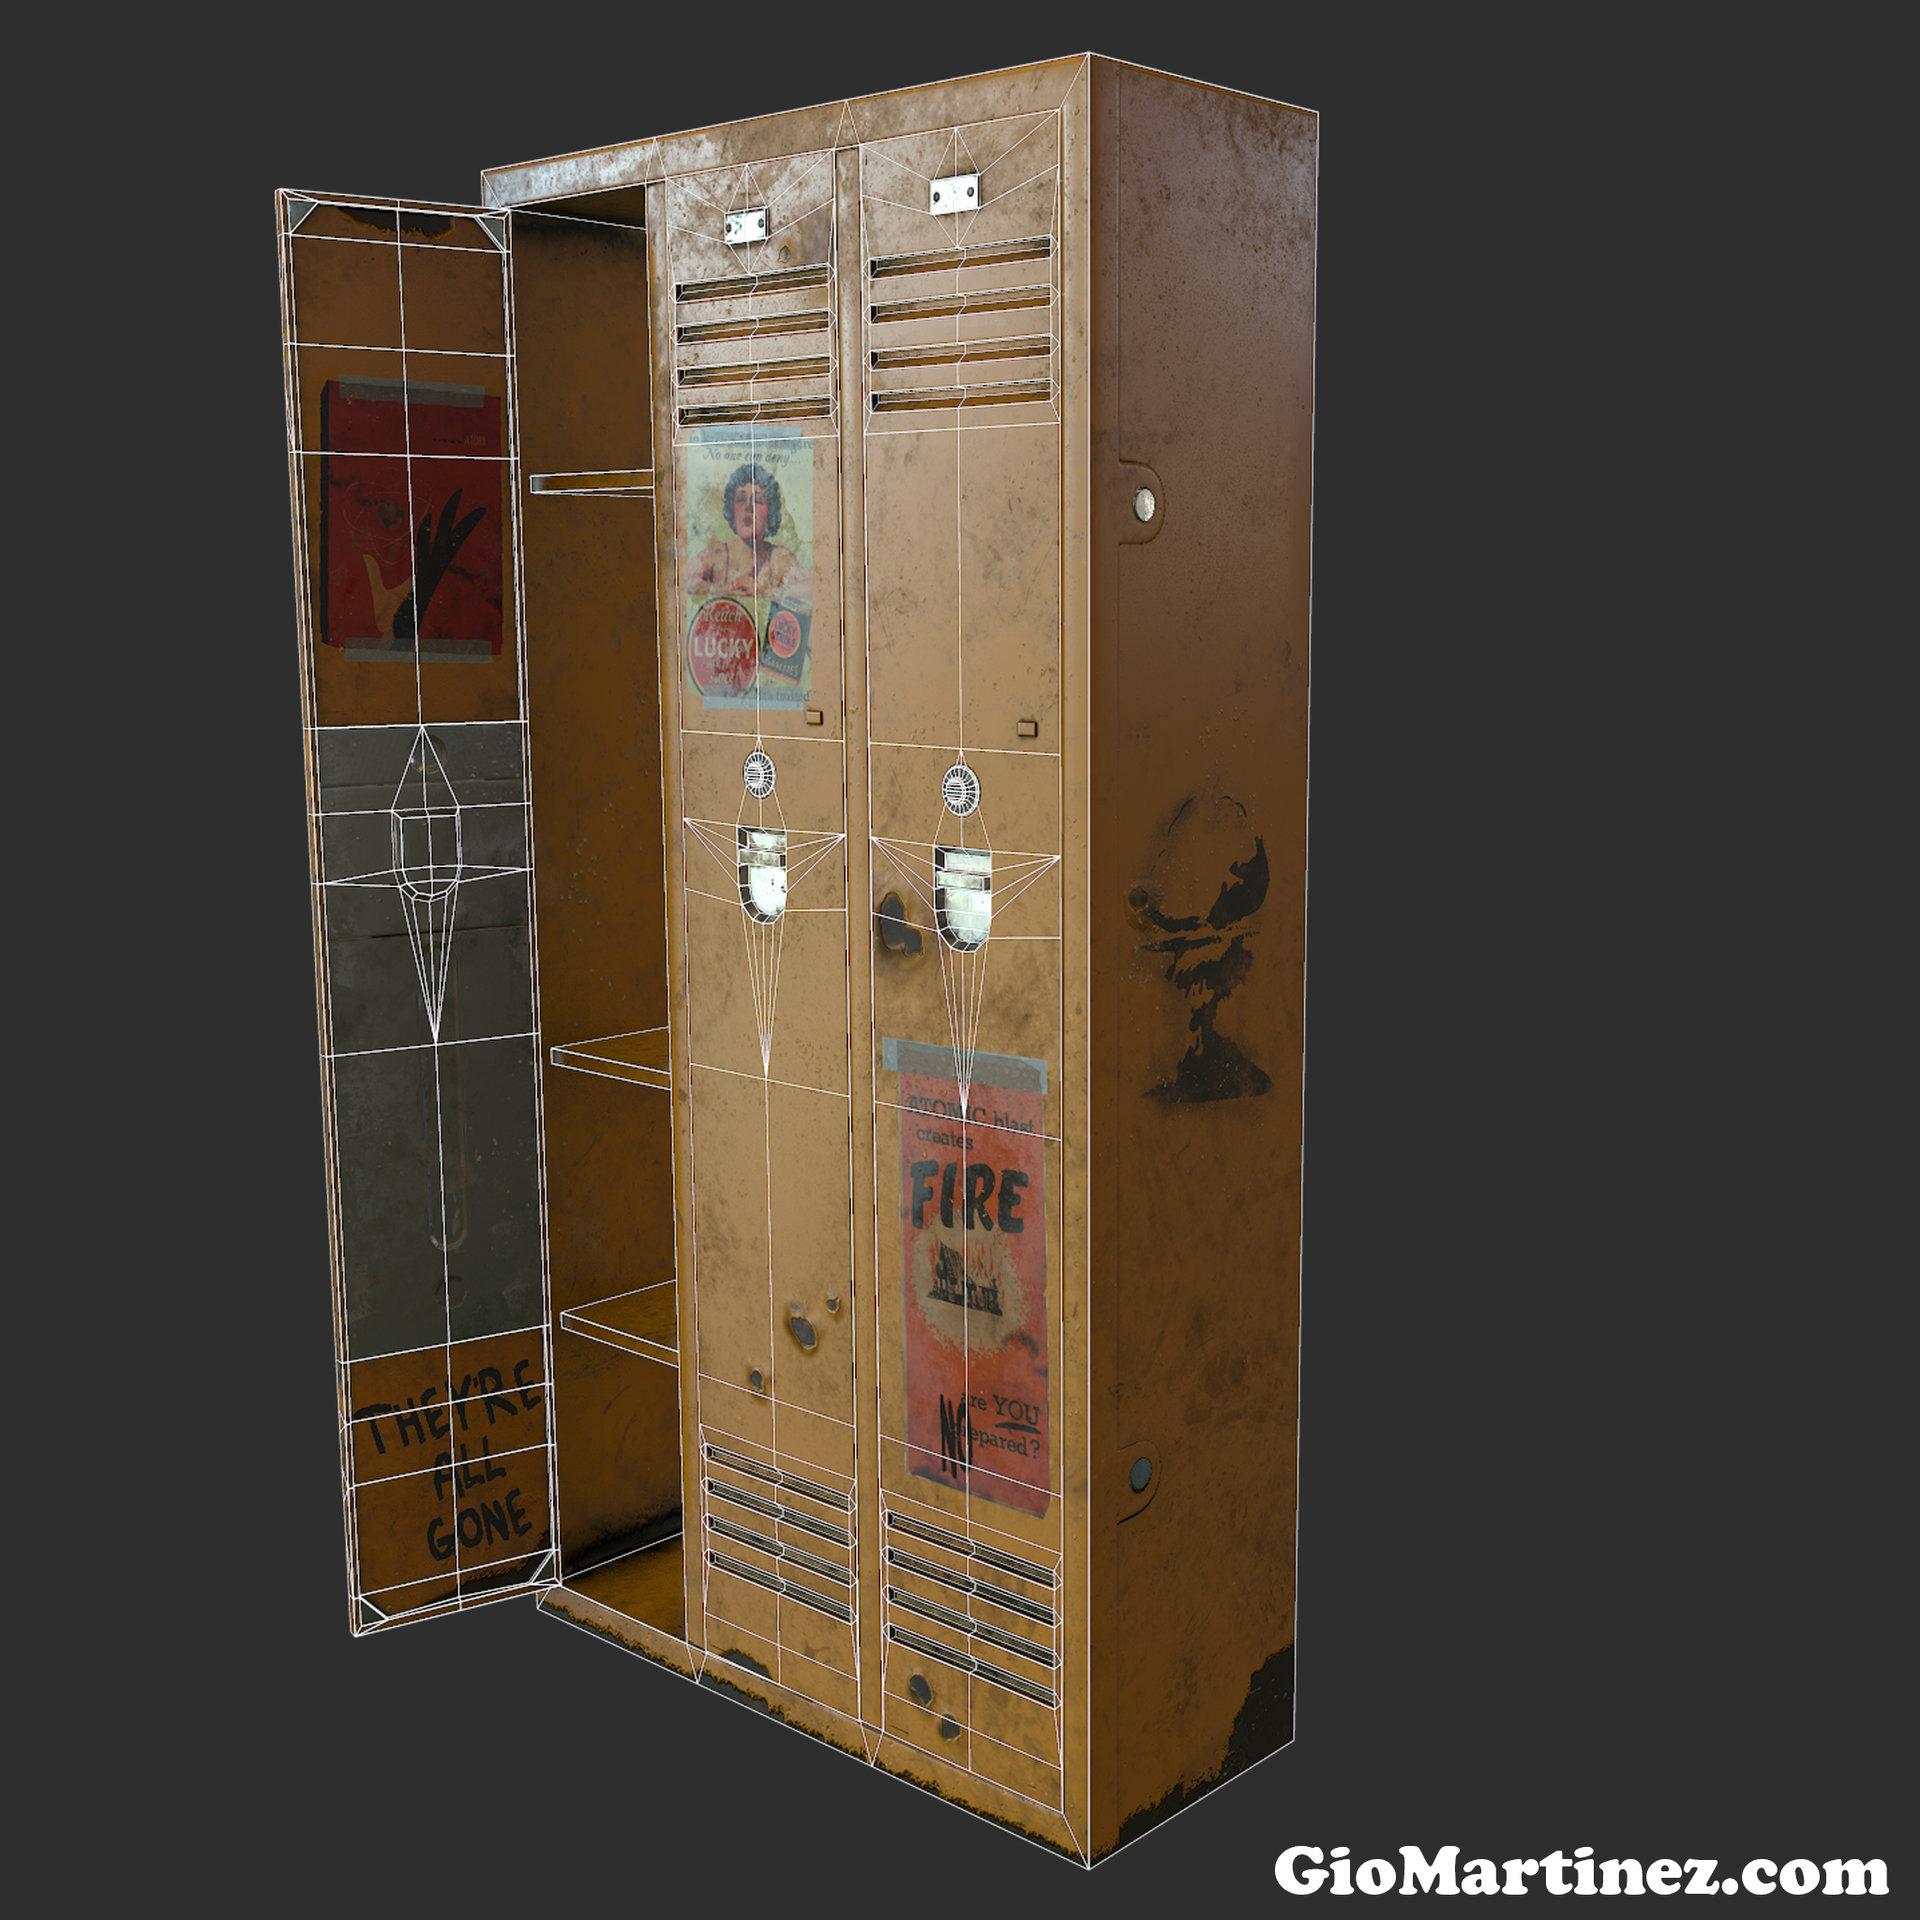 giovanni-martinez-locker-wireframe.jpg?1429762454